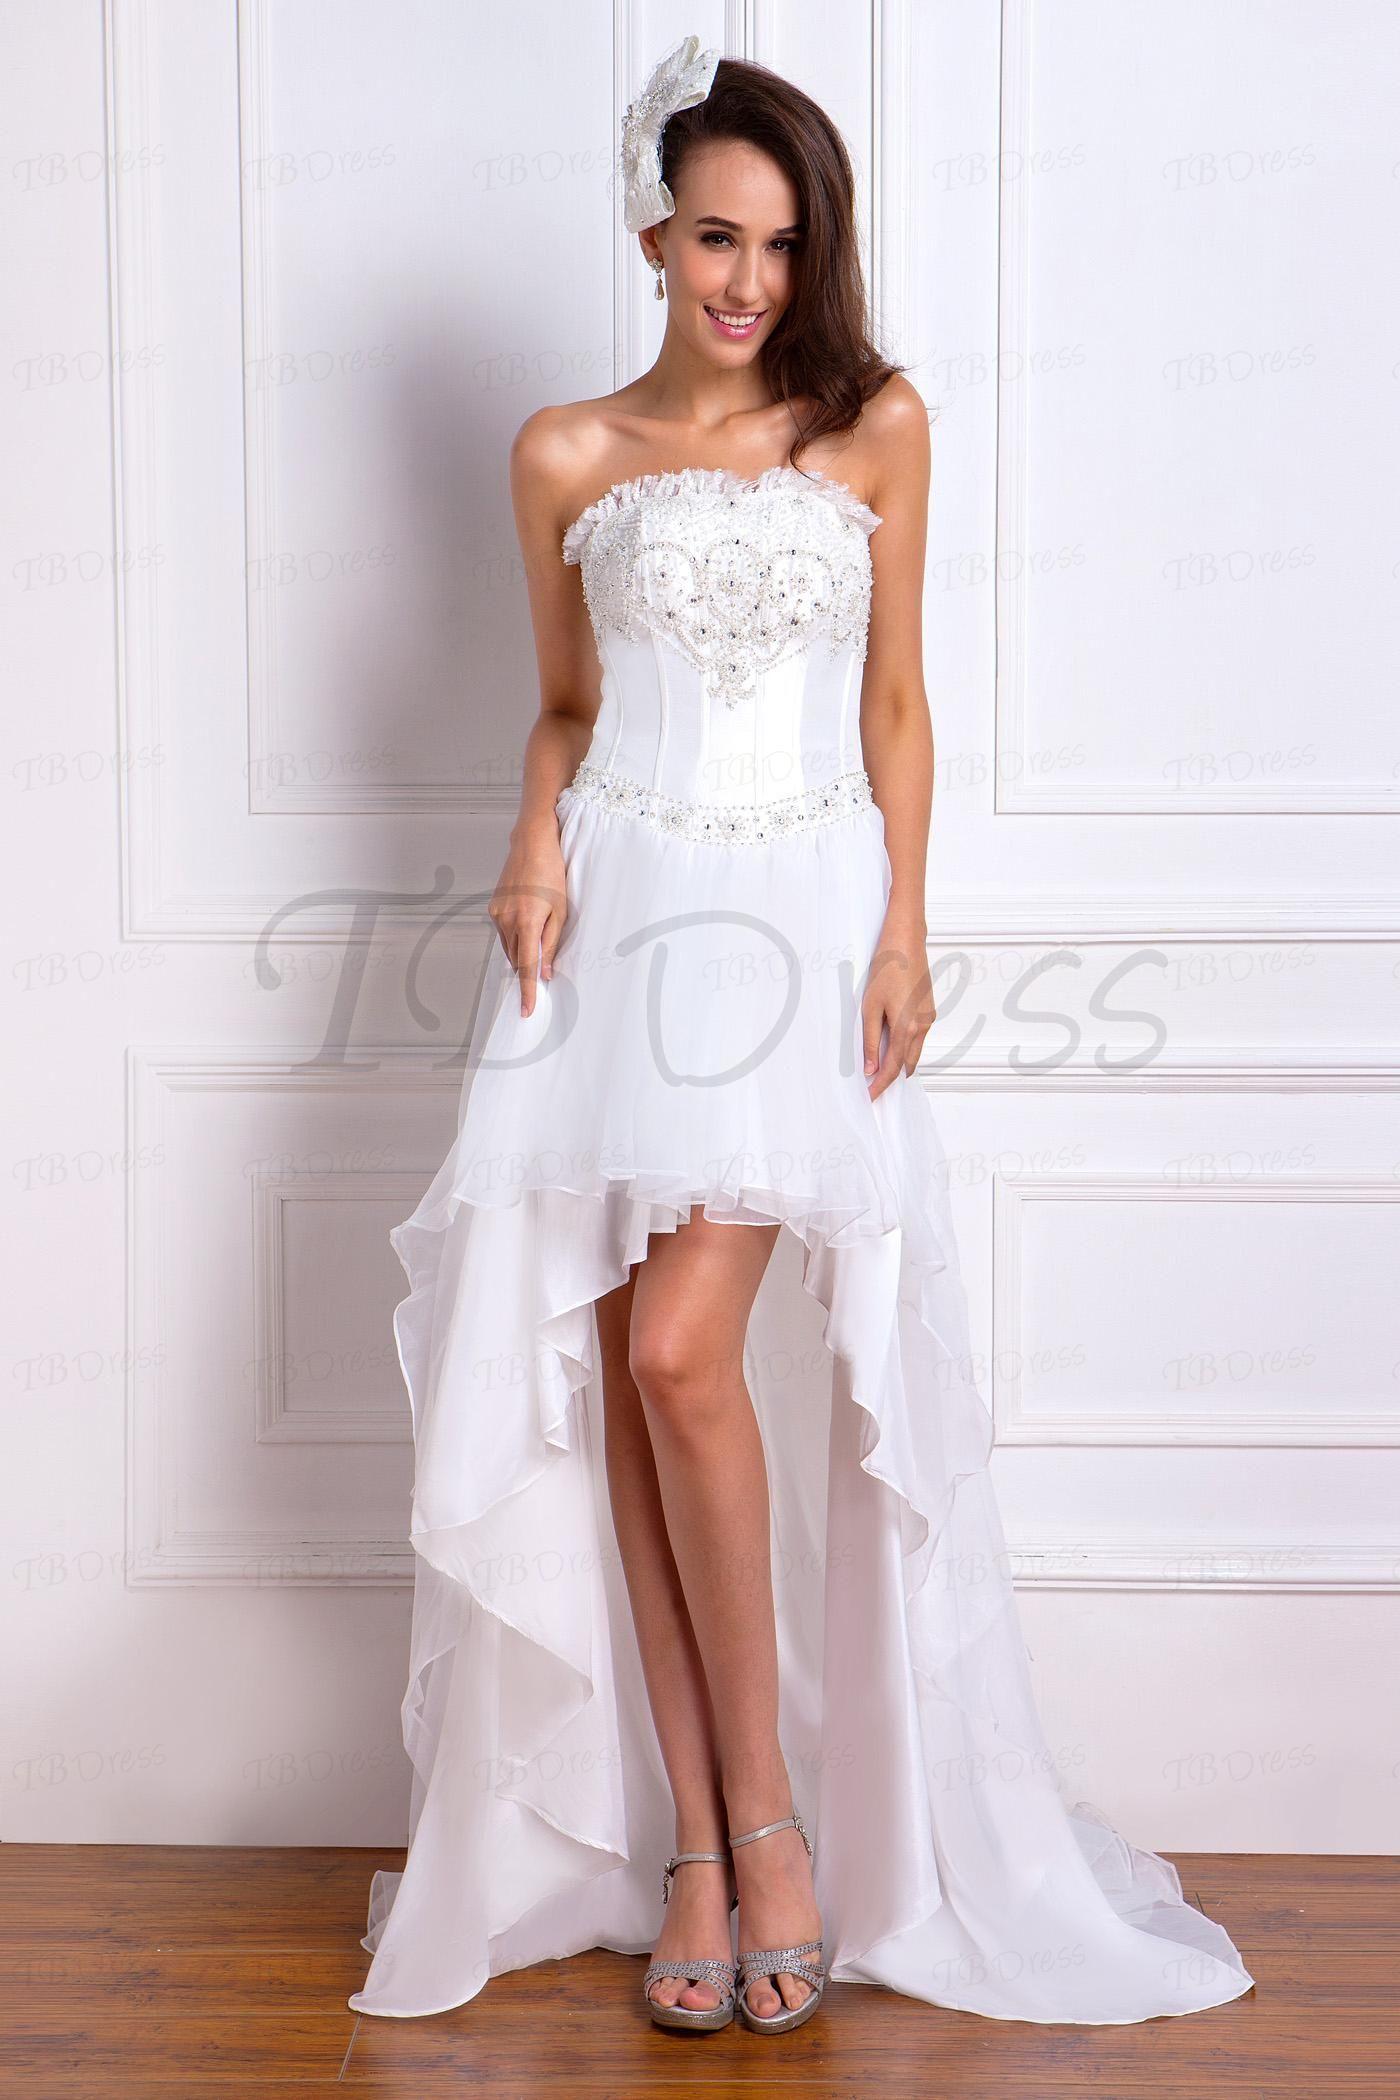 Beaded strapless high low beach wedding dress wedding dress dress